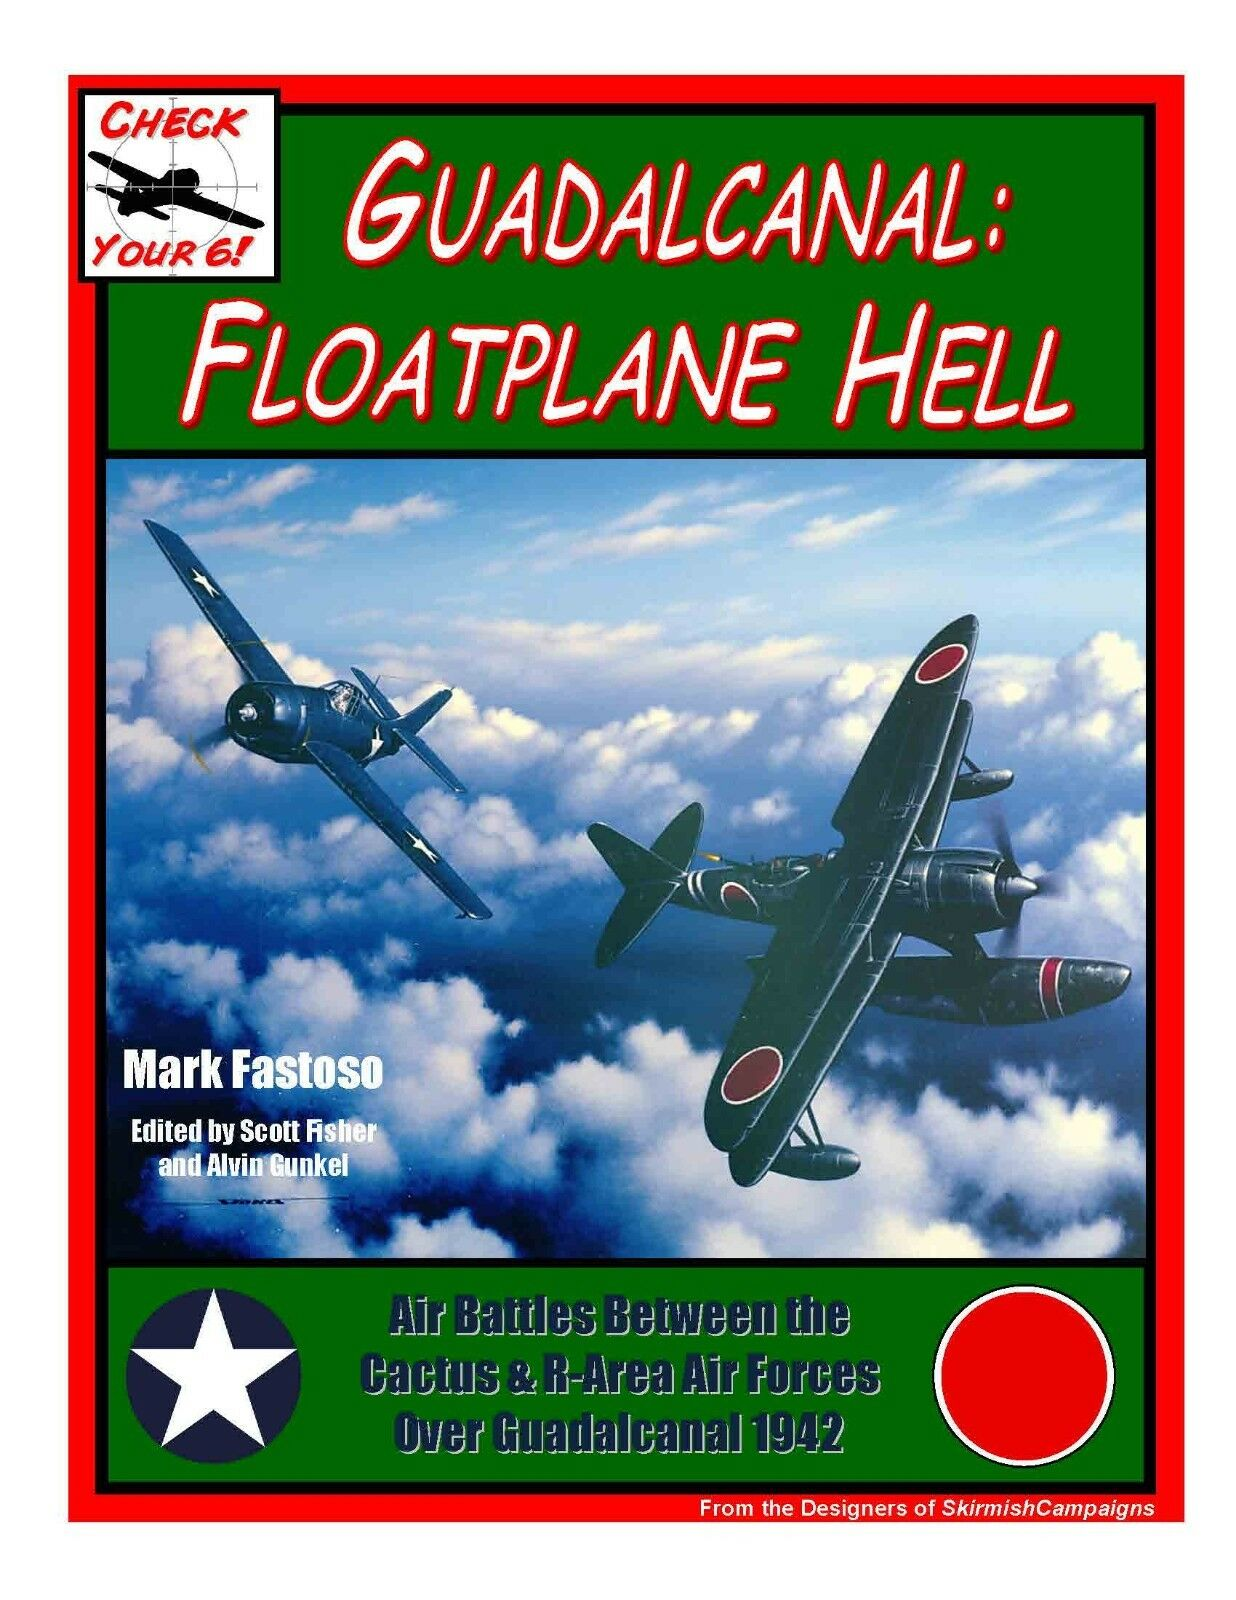 Guadalcanal  Hidroavión Infierno Infierno Infierno - Check Your 6-Guerra Juegos Reglas - Nuevo 44f5b1